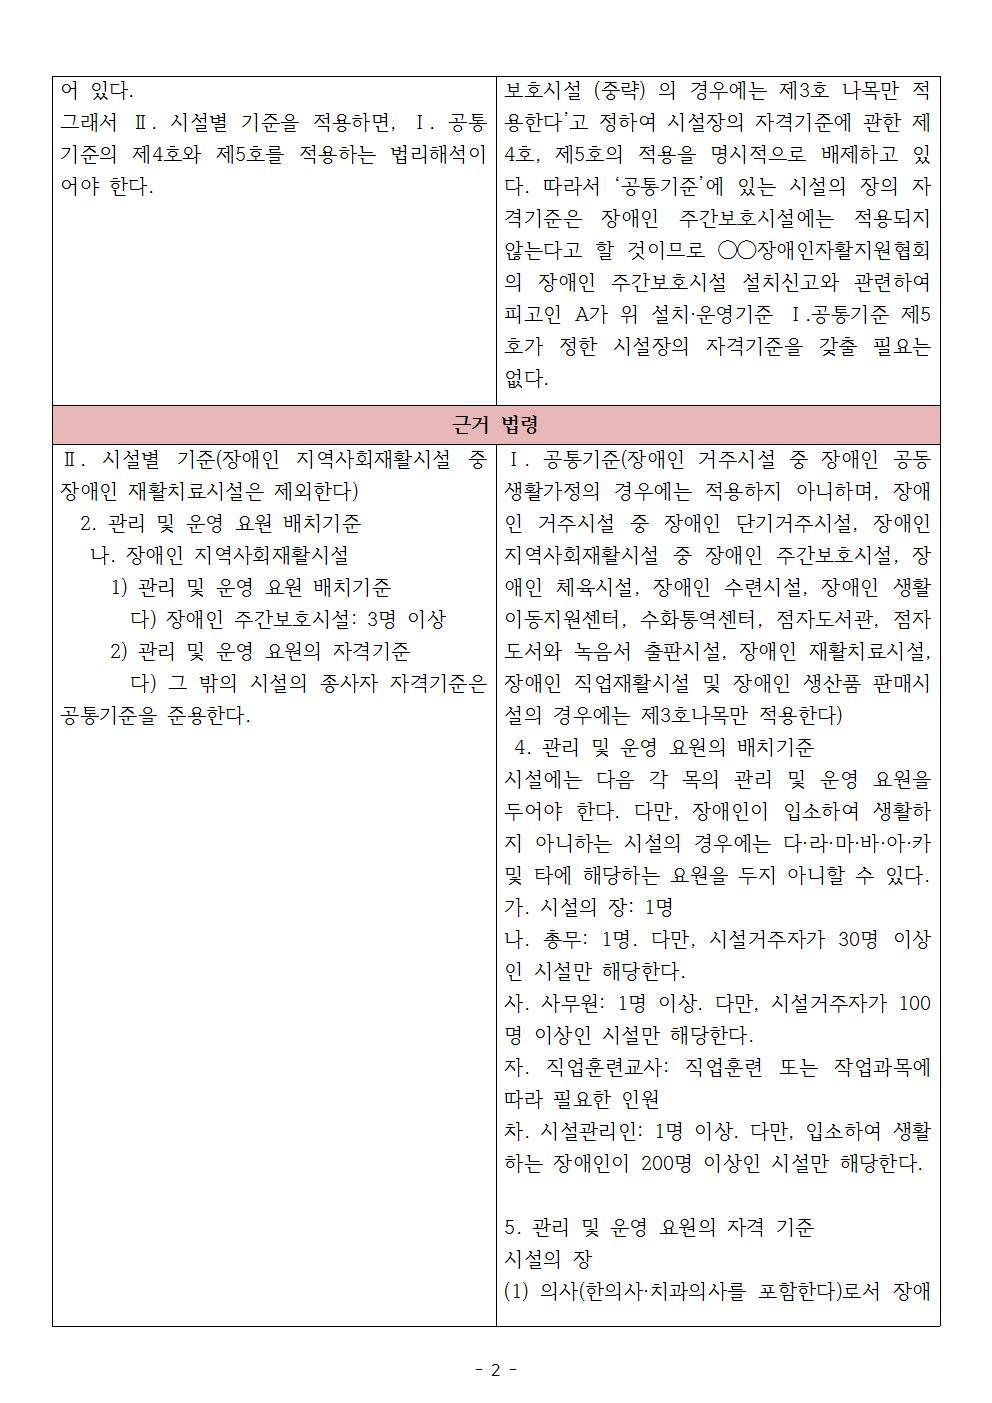 """[논평] 전주 봉침게이트, 1심 판결이 """"기소축소""""와 """"재판거래""""를 반증한다004002.jpg"""